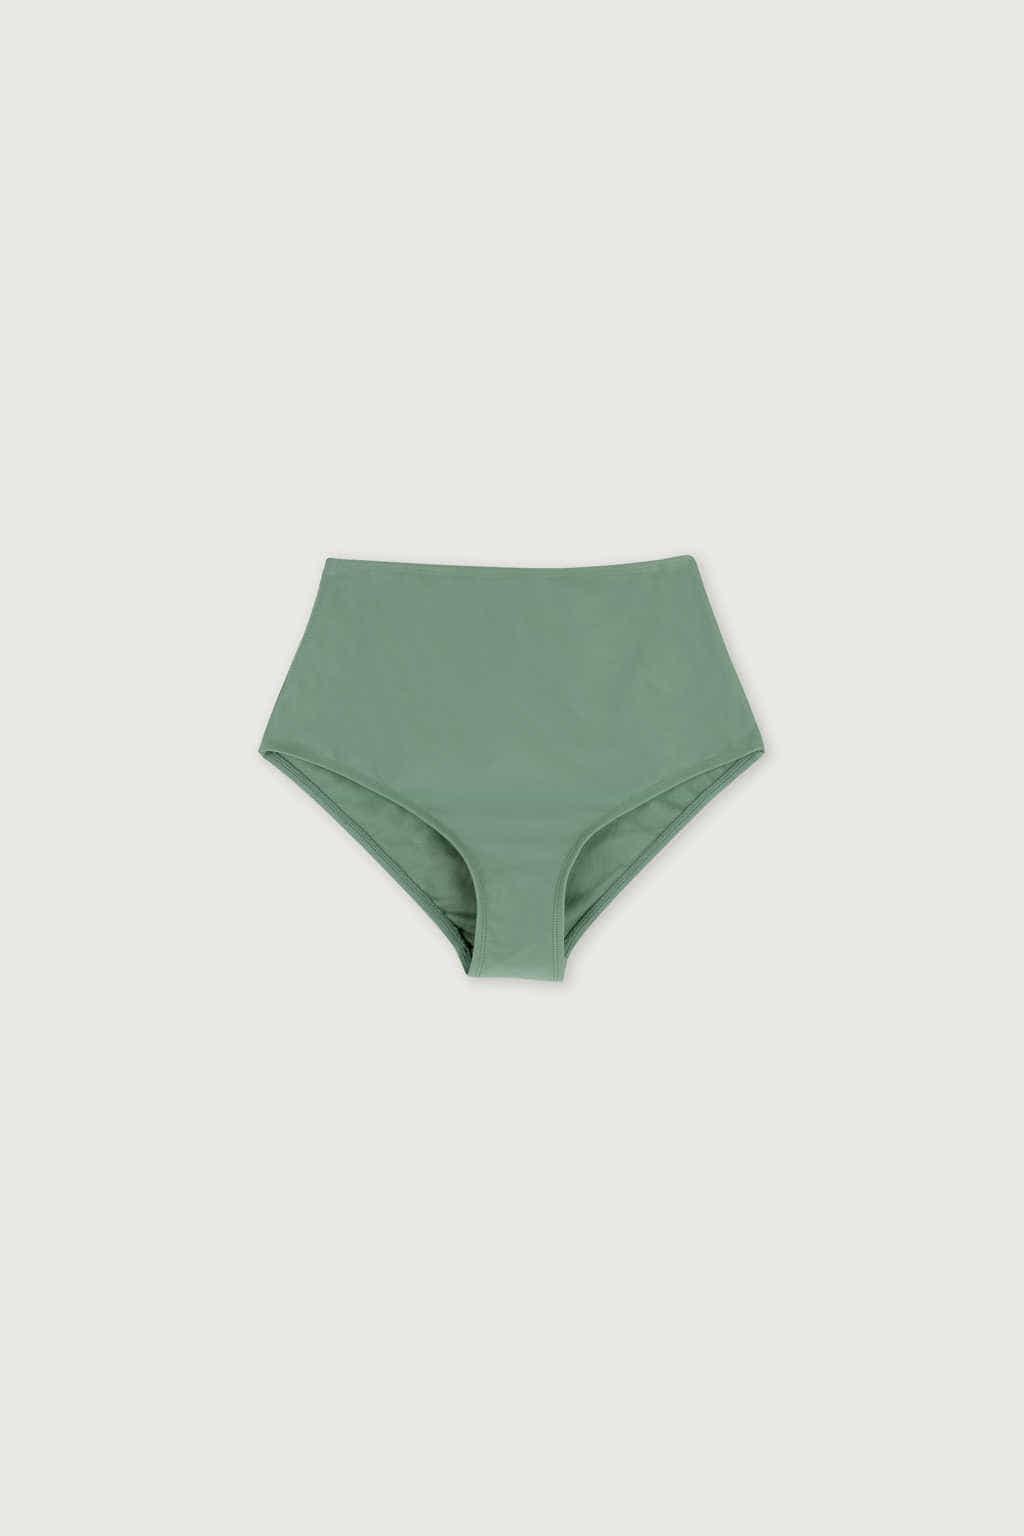 Bikini Bottom 2906 Sage 9